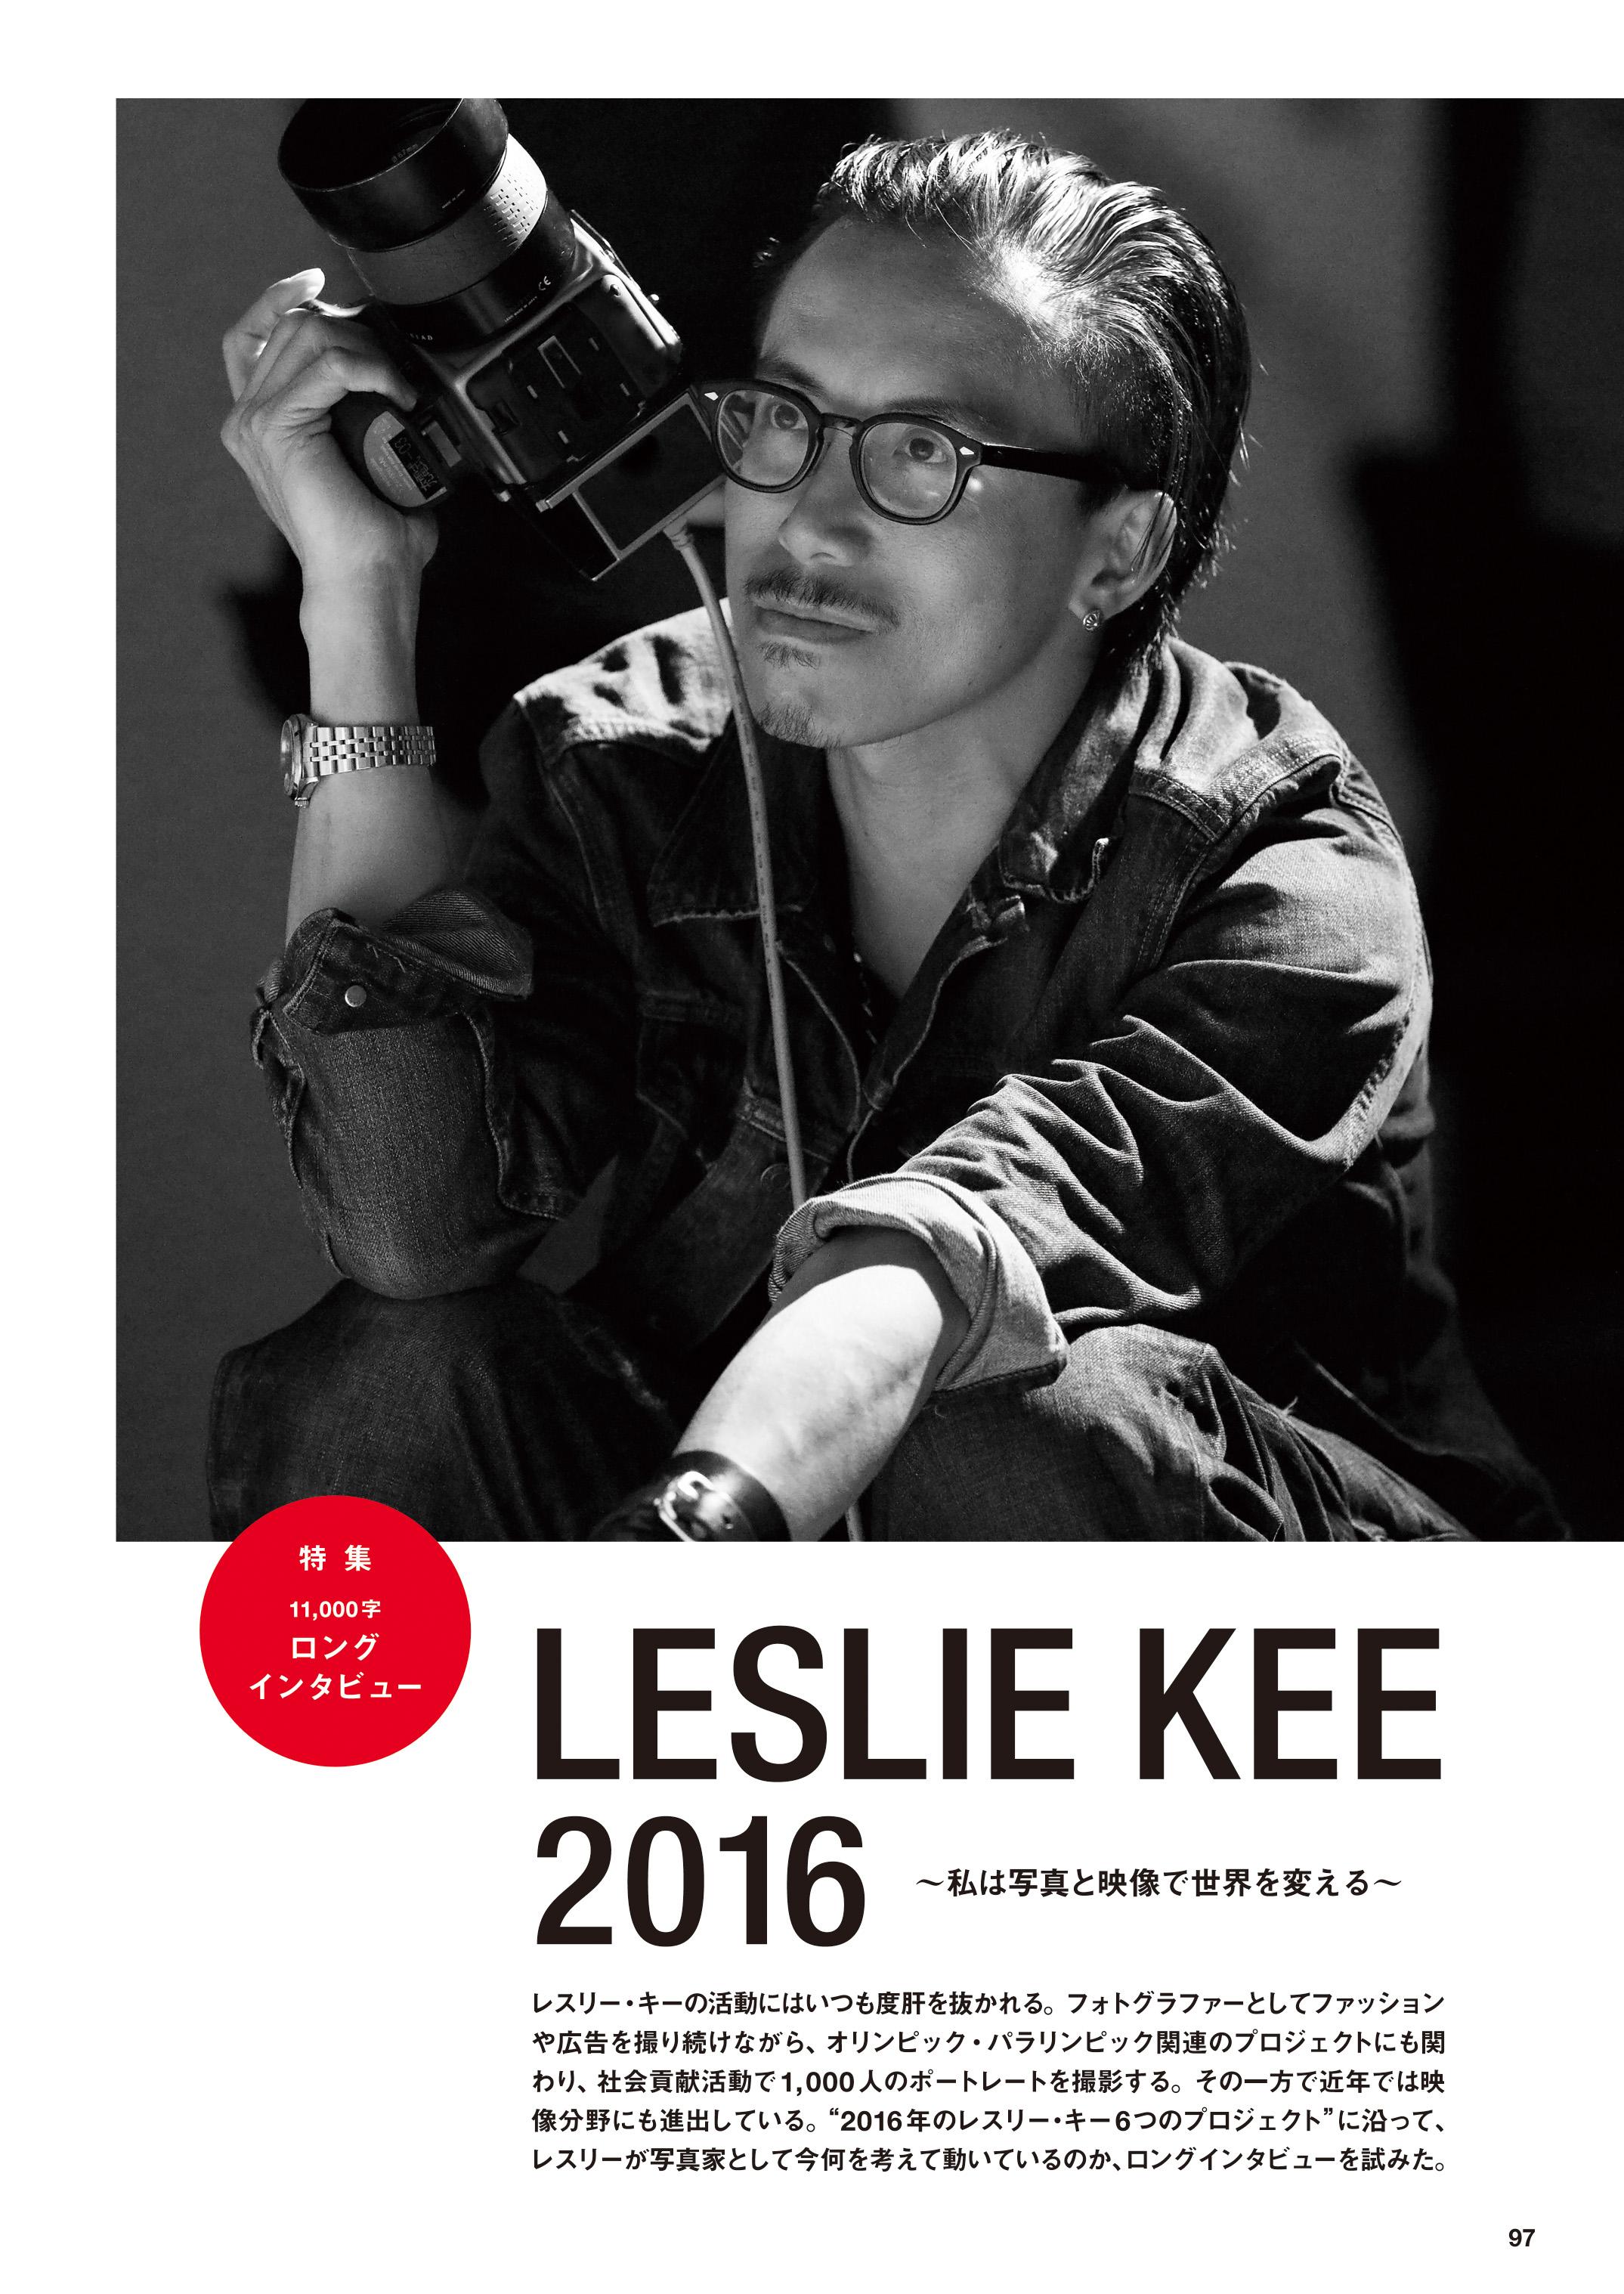 【ロングインタビュー】Leslie KEE 2016